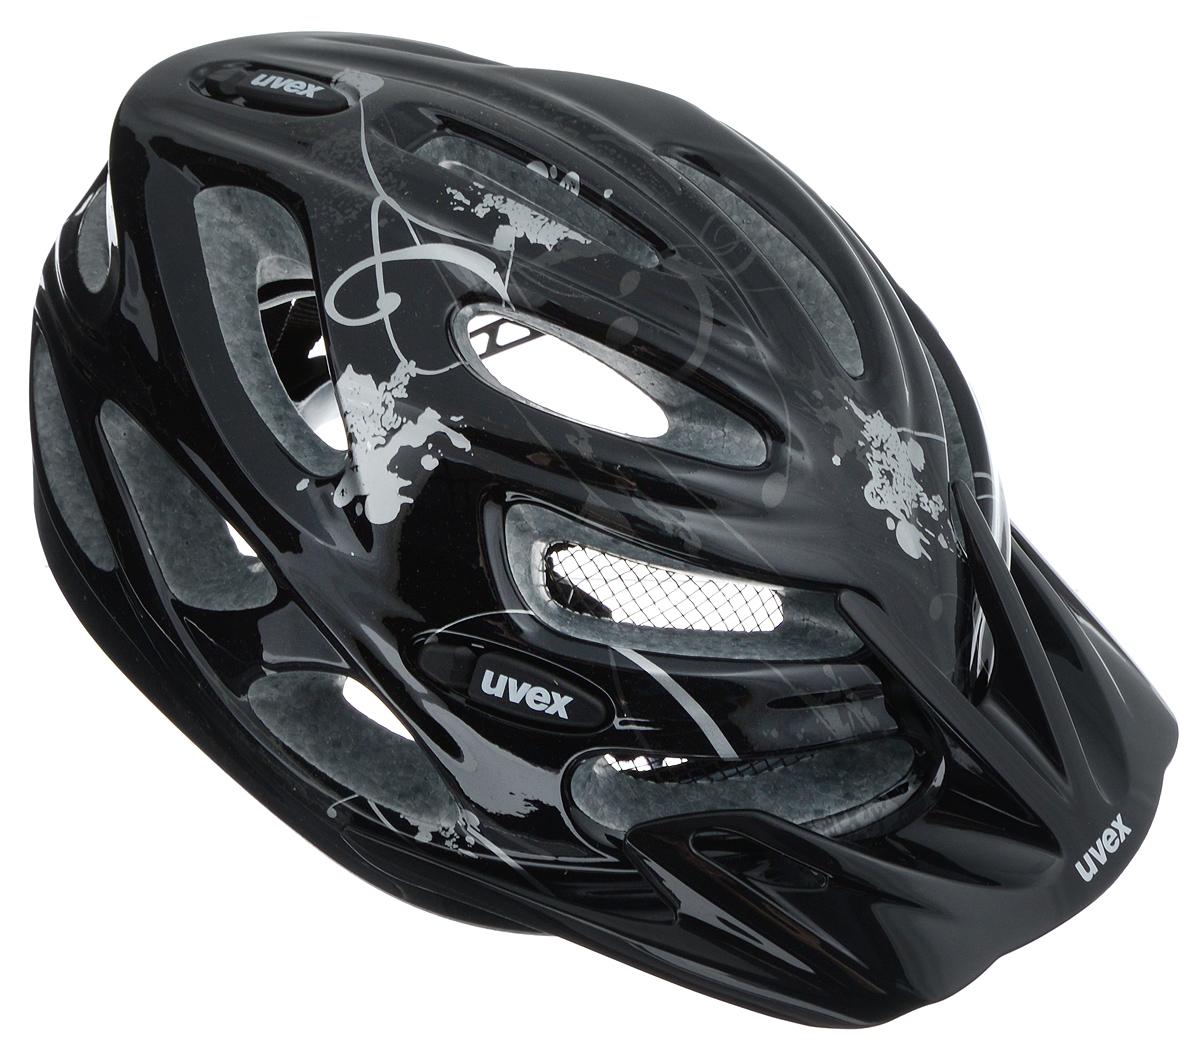 Шлем летний Uvex Onyx, цвет: черный, серебристый. Размер XXS-S4543.2515Шлем Uvex Onyx конструкции Inmould предназначен исключительно для езды на велосипеде и катания на роликовых коньках или скейтборде. Шлем снабжен универсальным внутренним настроечным кольцом, застежками на липучках, регулируемыми текстильными ремешками и вентиляционными отверстиями. Увеличенное количество вентиляционных отверстий гарантирует отличную циркуляцию воздуха на разных скоростях движения при сохранении жесткости. Подстежка изготовлена из пенополистирола. Ее роль заключается в рассеивании энергии при ударе, что защищает голову. Верхняя часть шлема, выполненная из прочного пластика, препятствует разрушению изделия, защищает шлем от прокола и позволять ему скользить при ударах. Способность шлема скользить по поверхности является важной его характеристикой, так как при падении движение уменьшается не сразу, а постепенно, снижая тем самым нагрузку на голову и шею. Надежный шлем с ярким дизайном обеспечит высокую степень защиты...